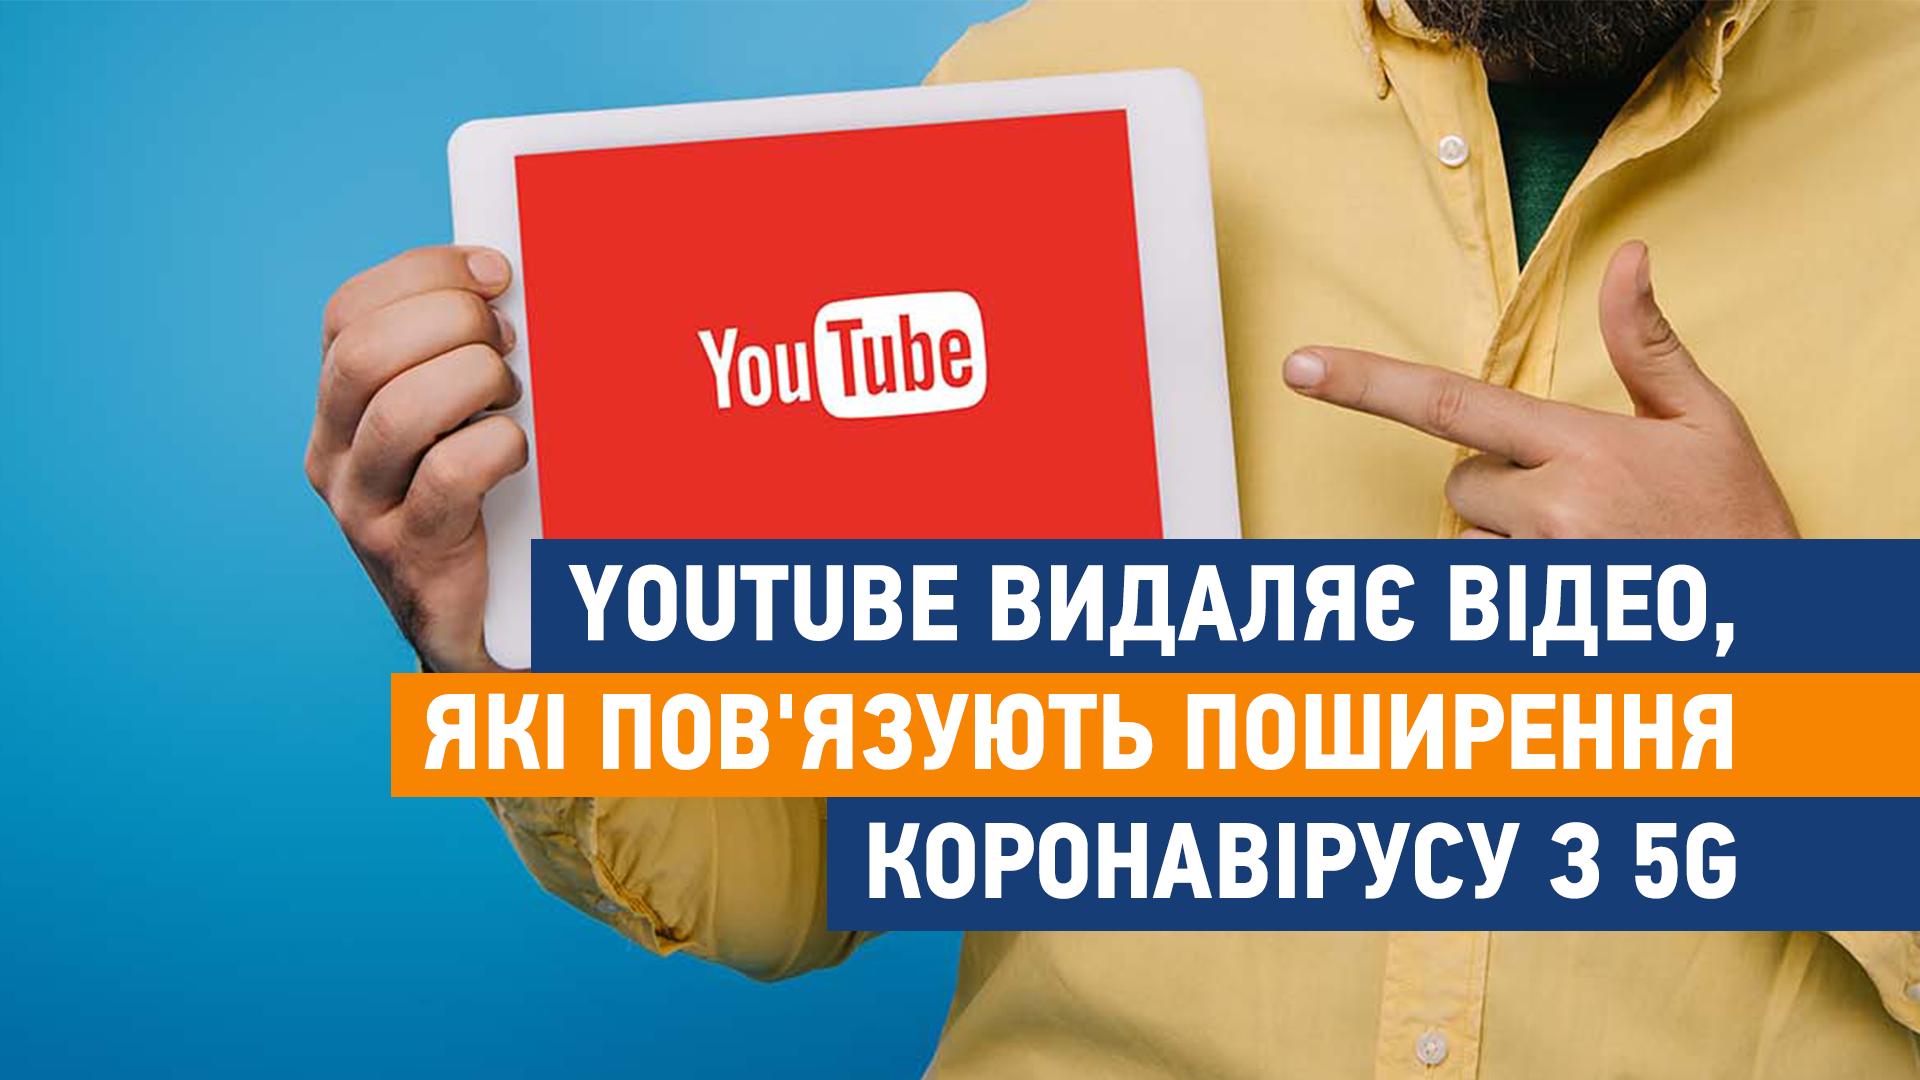 YouTube видаляє відео, які пов'язують поширення коронавірусу з 5G - коронавірус, youtube, COVID-19, 5G - covid19 poglyad